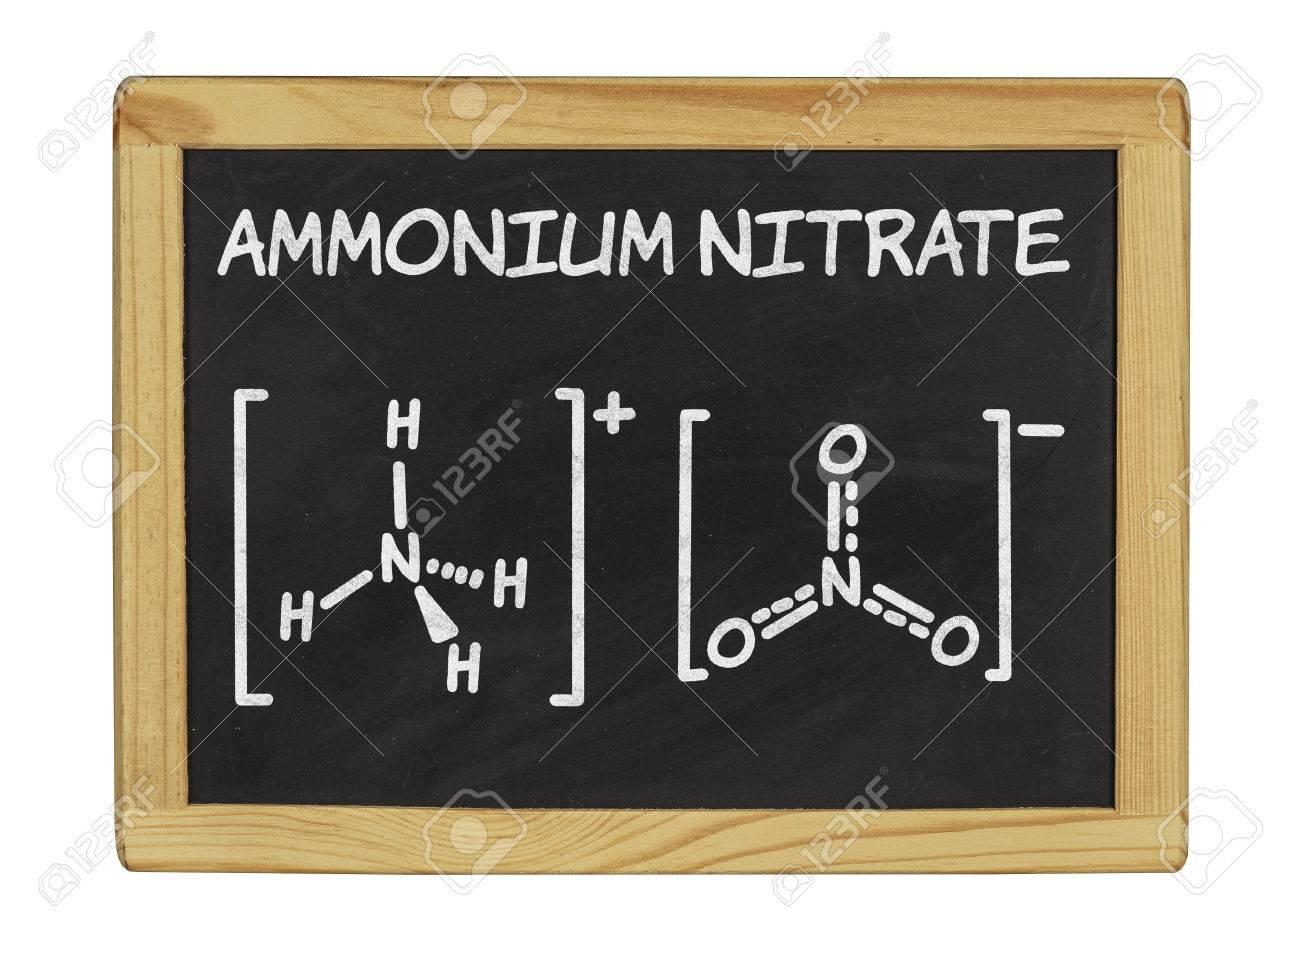 chemical formula of ammonium nitrate Stock Photo - 25298622